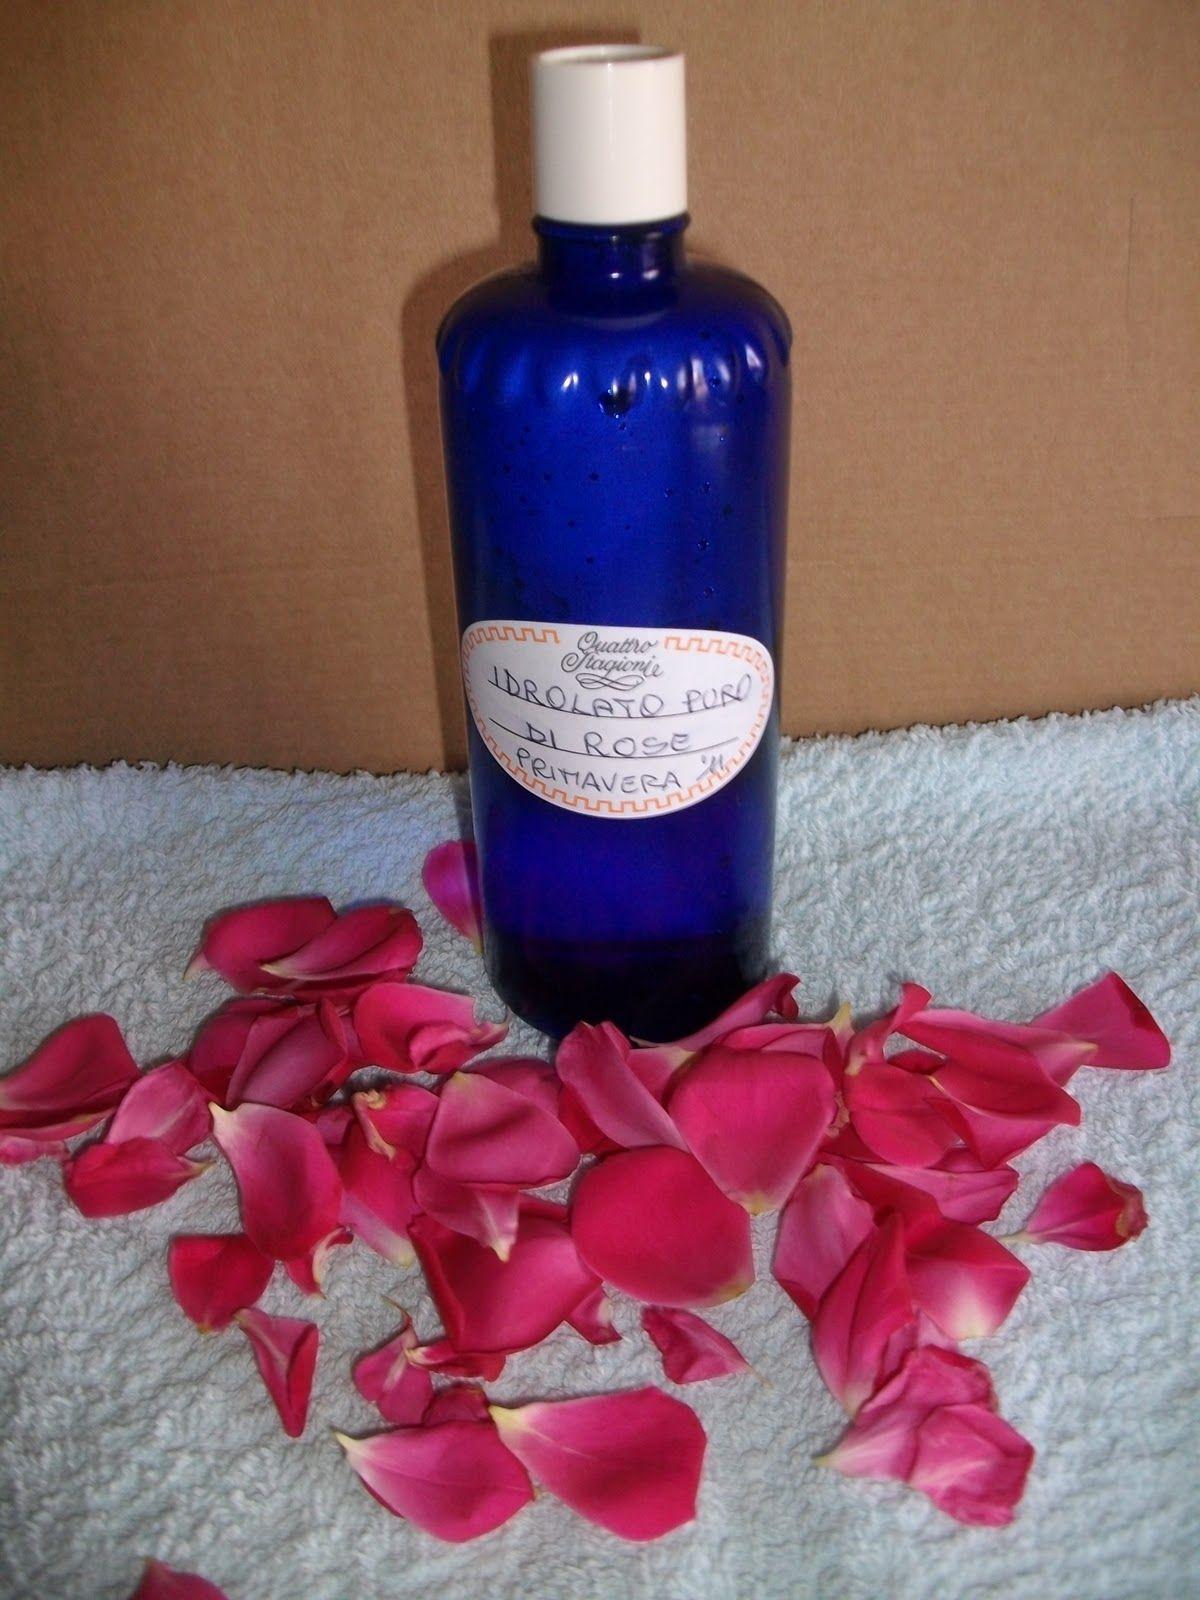 Premetto Che Per Preparare L Acqua Di Rose E Semplicissimo E Come